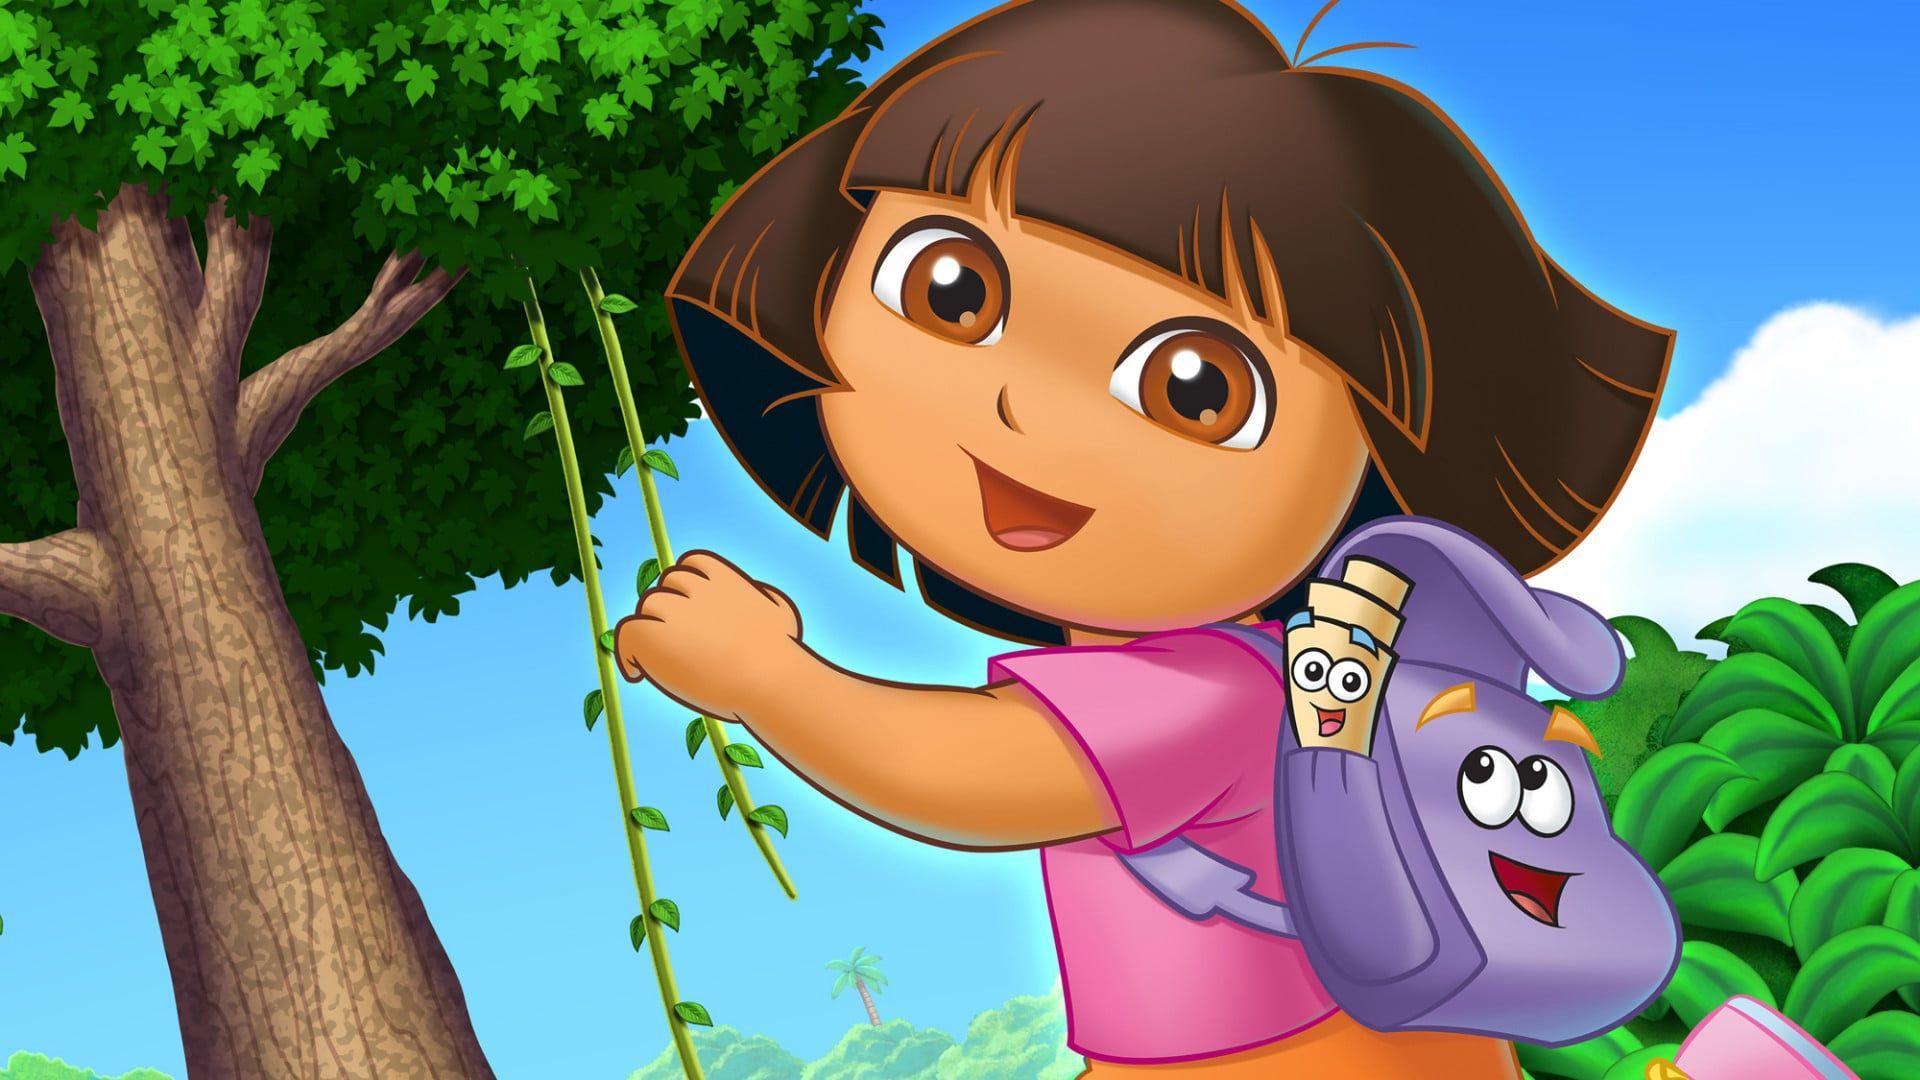 Dora nice wallpaper